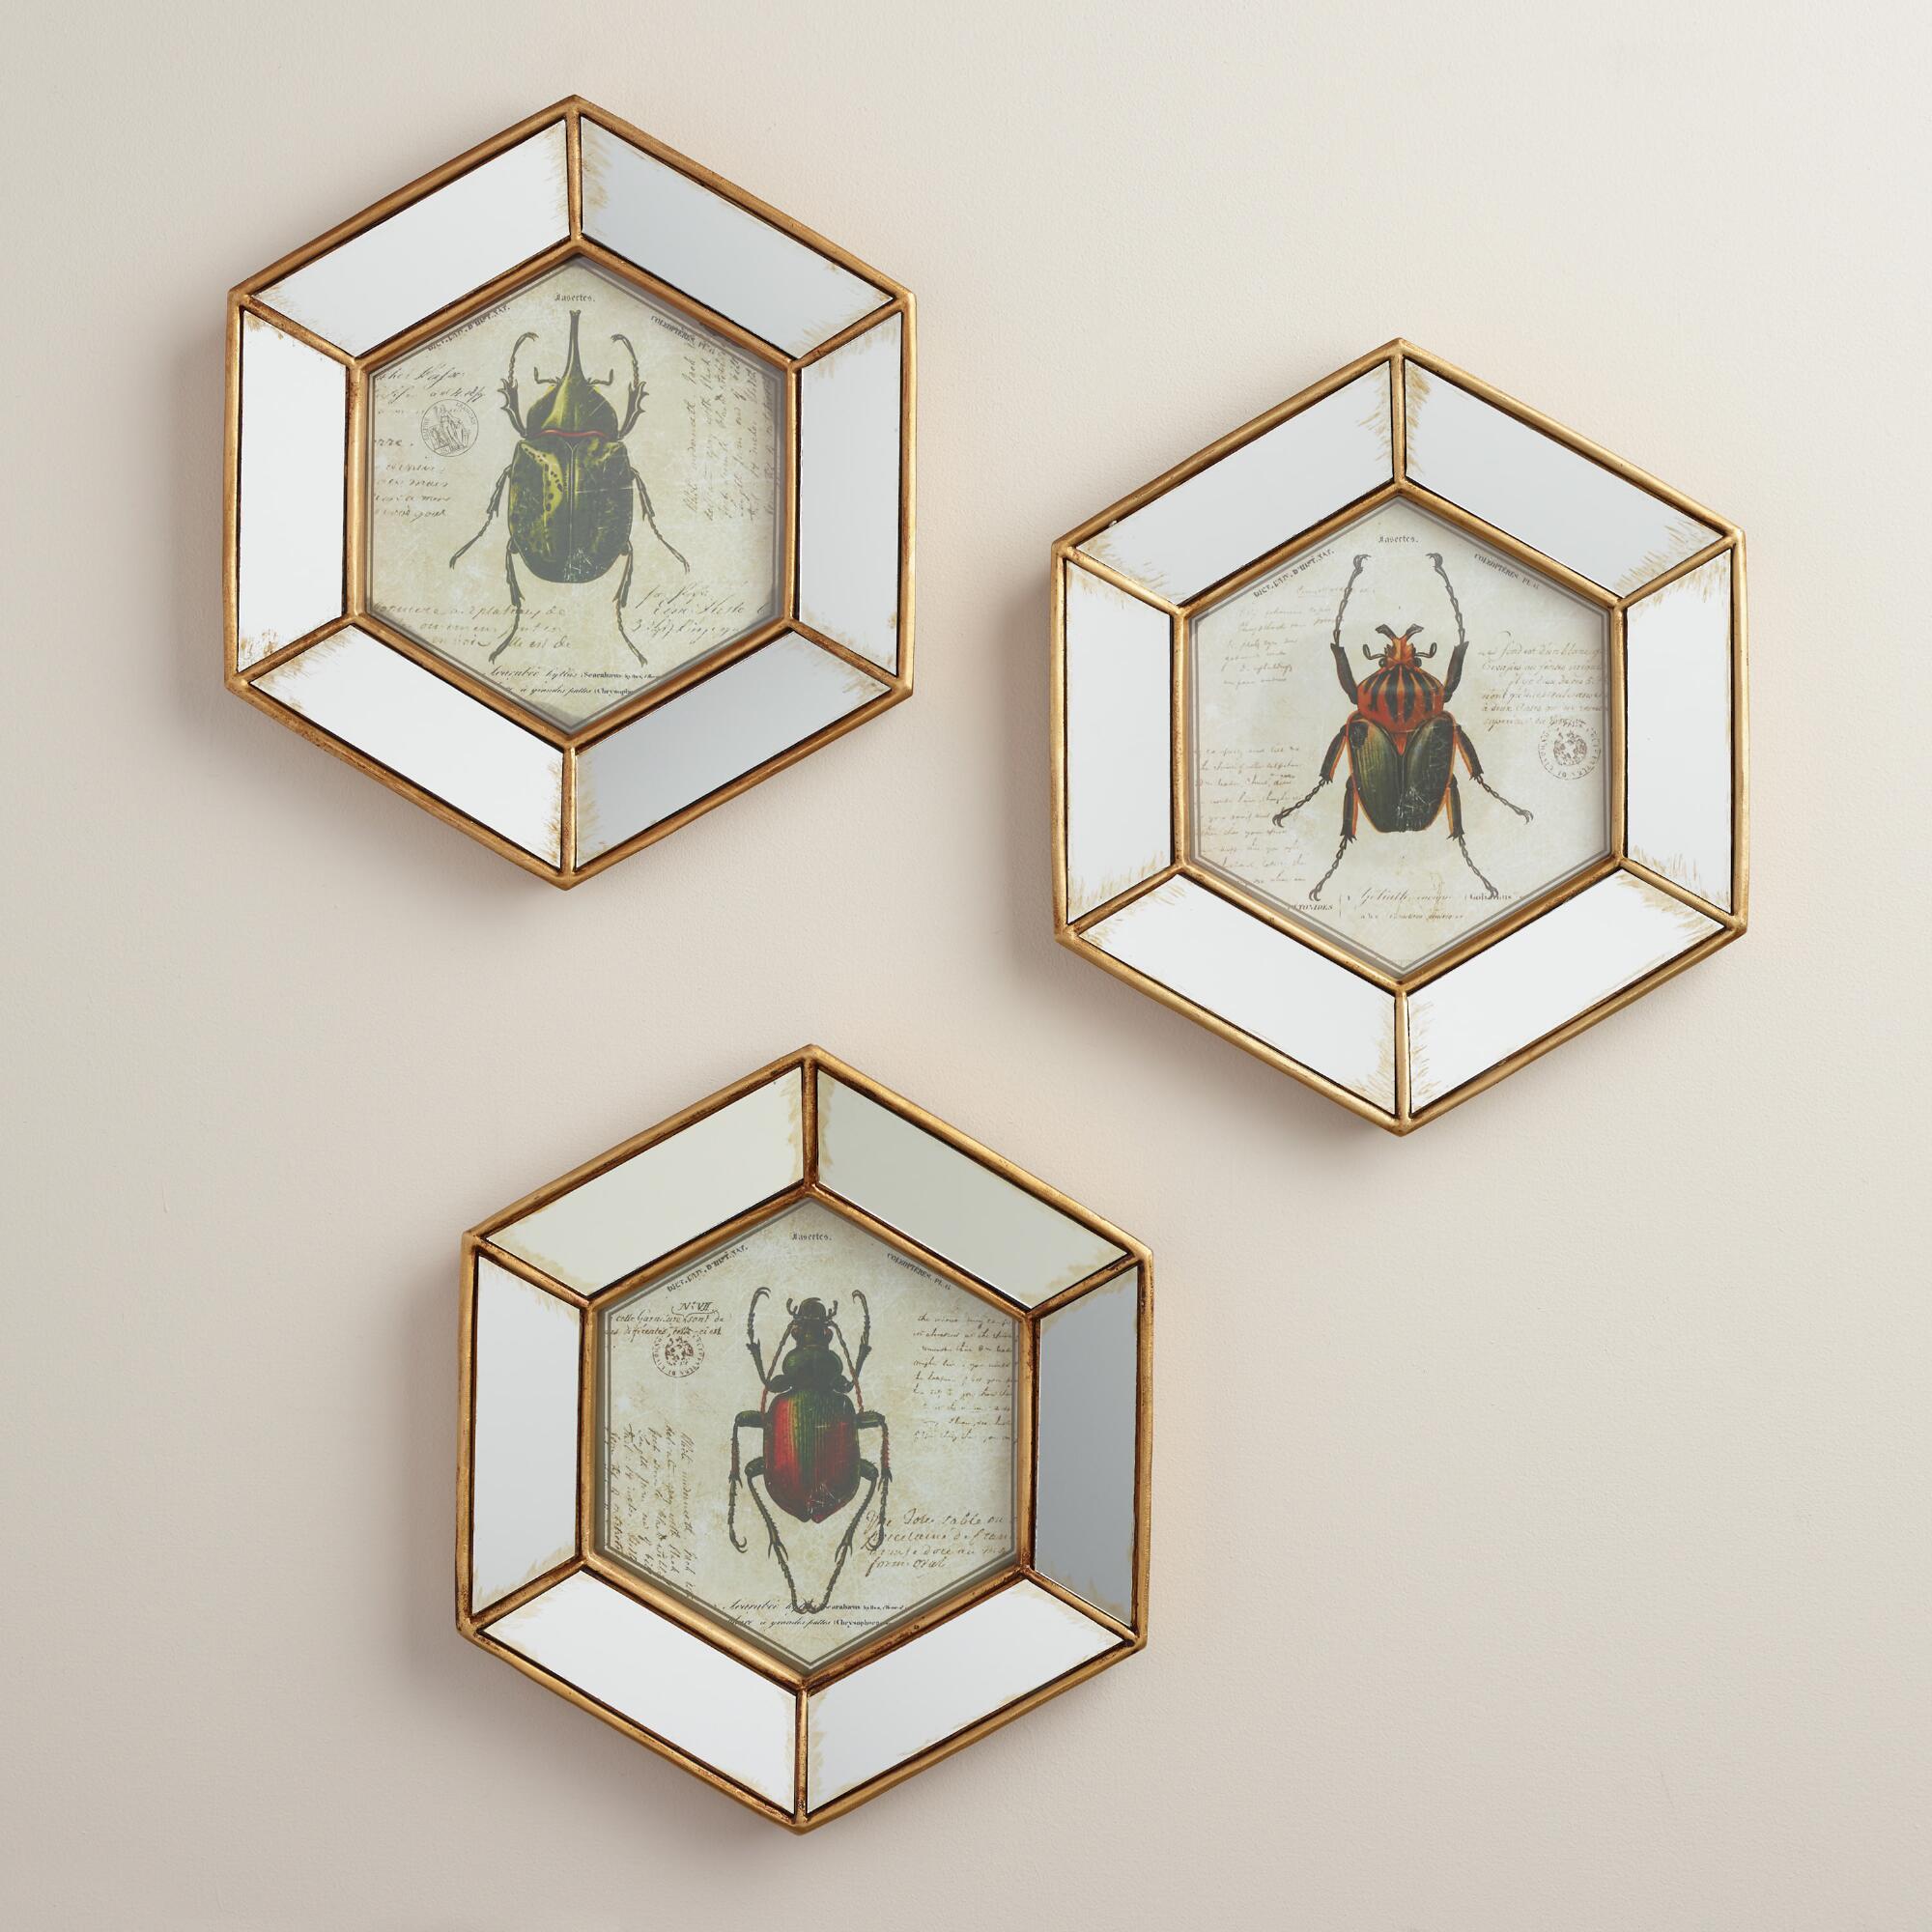 Hexagonal Mirrored Beetle Wall Art, Set of 3 | World Market